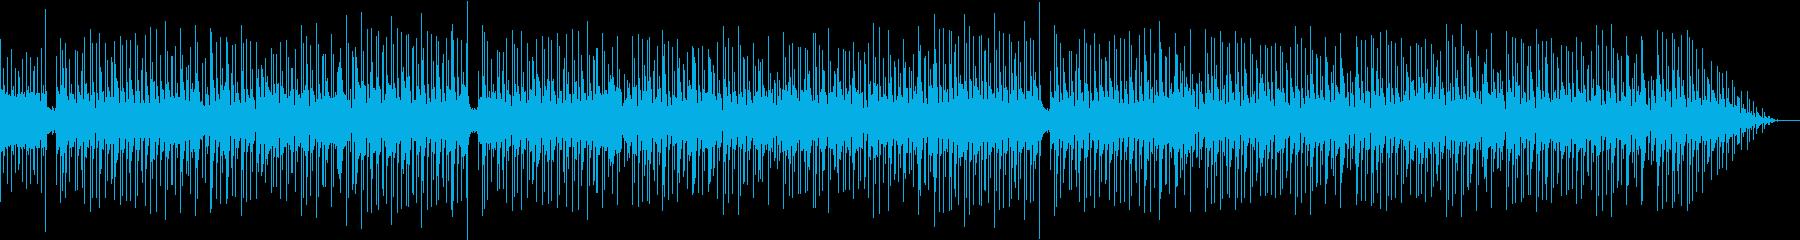 伸びやかでゆったりしたバイオリンソロの再生済みの波形